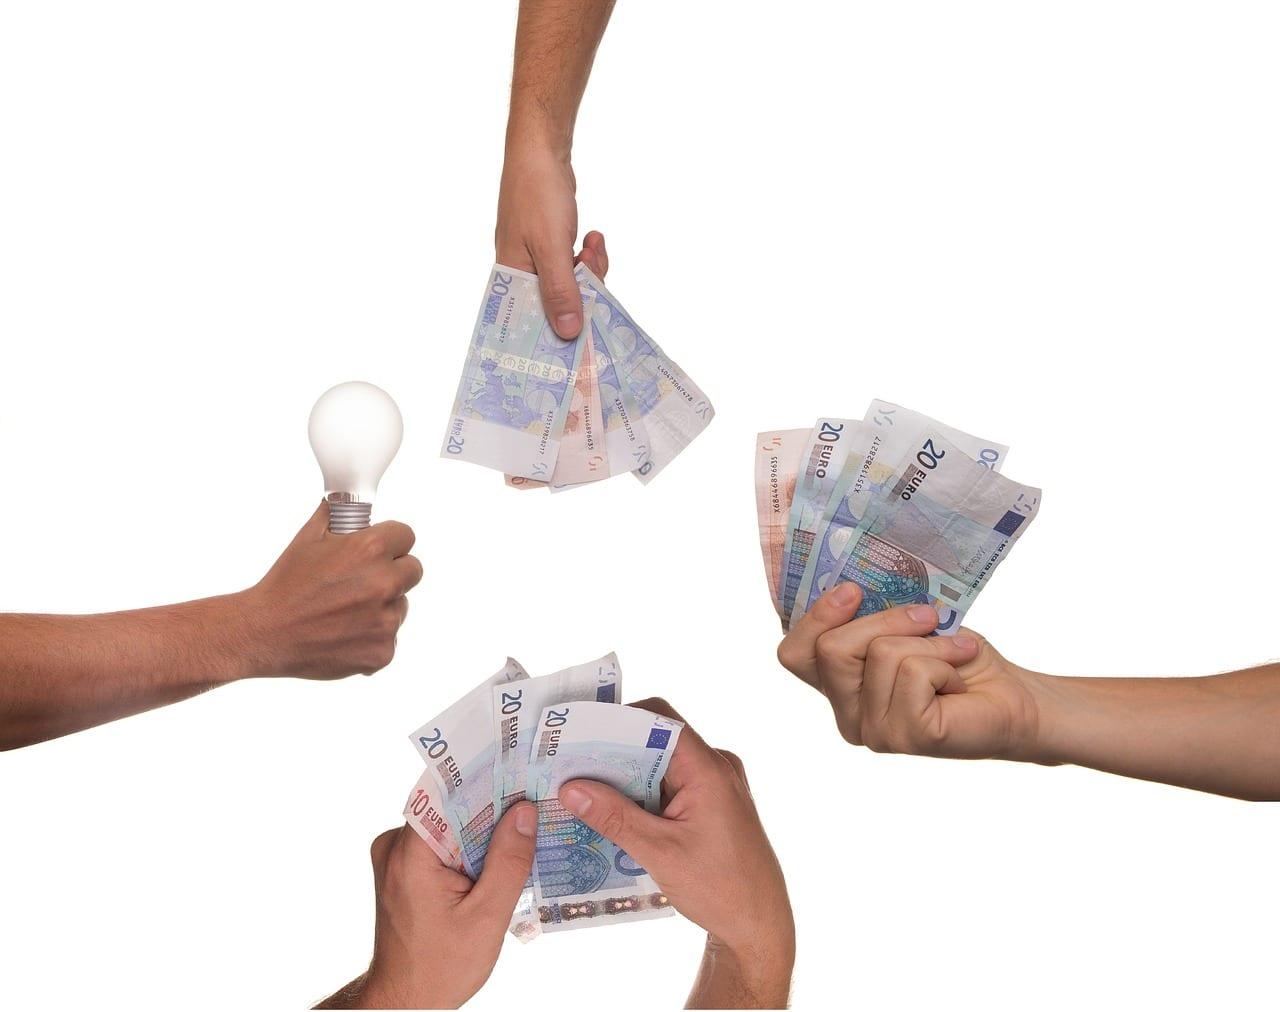 Gründungsfinanzierung durch Crowdfunding